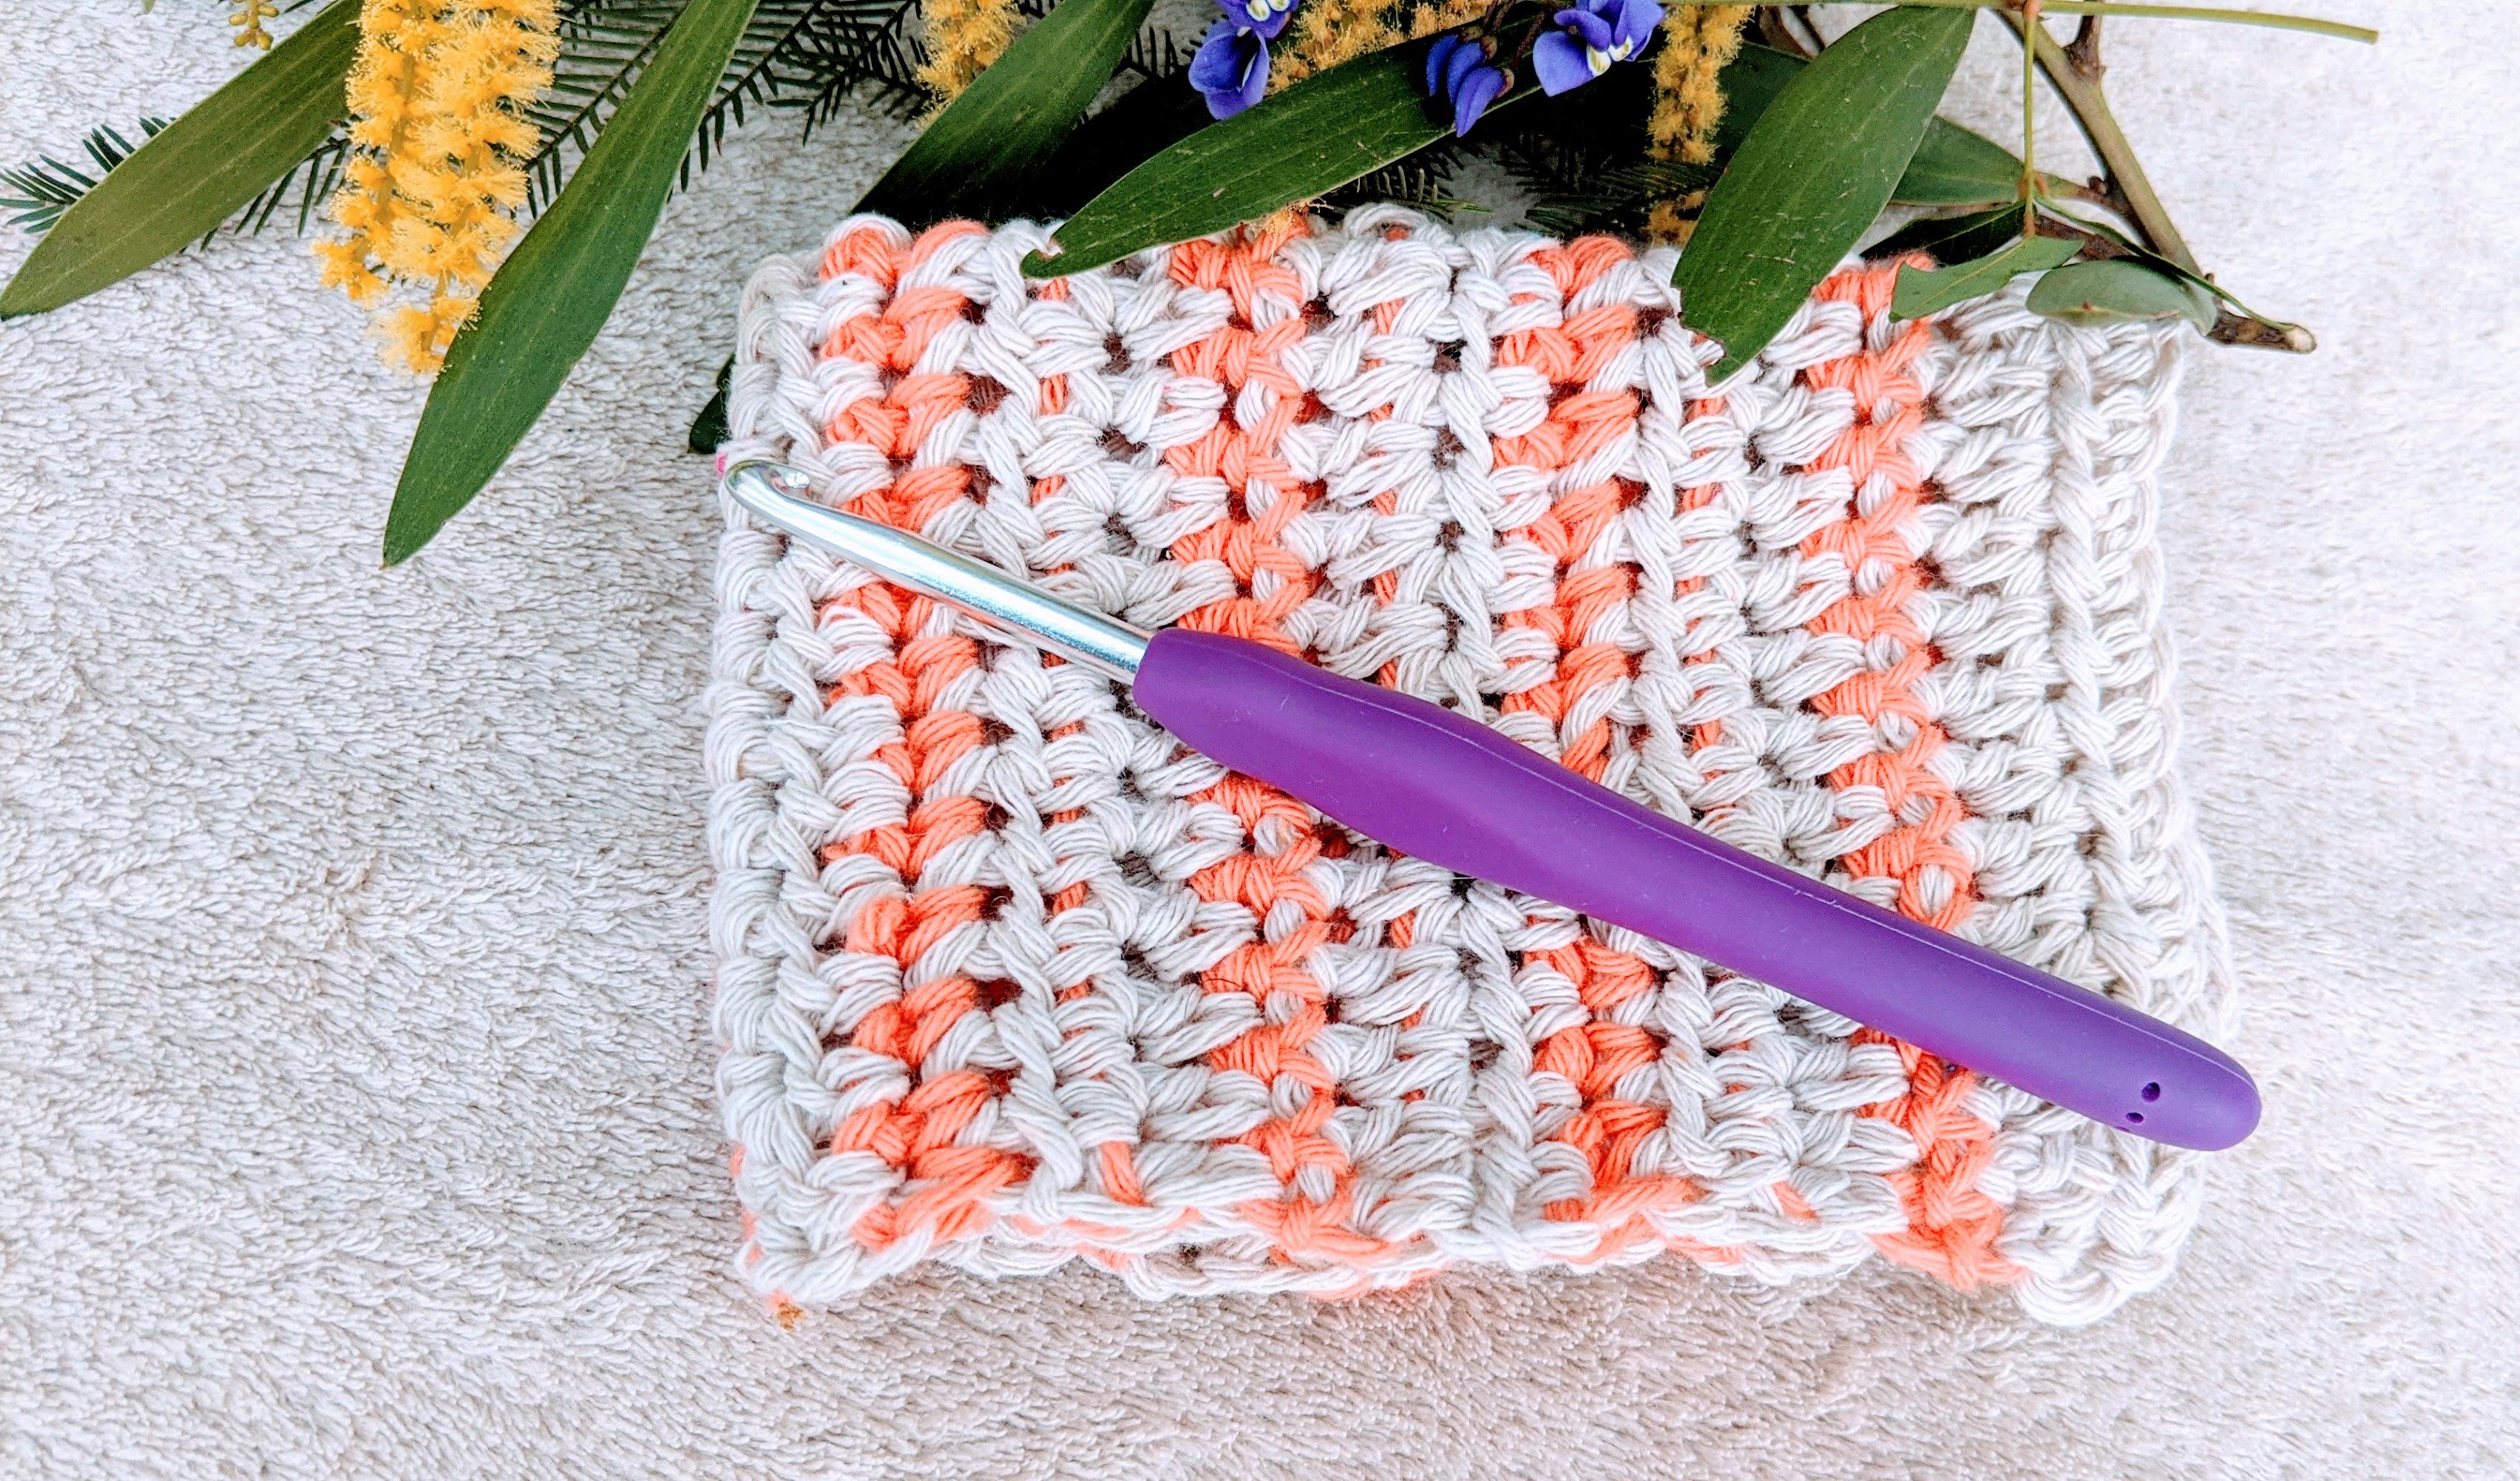 gant de toilette au crochet à rayures orange et blanc cassé, avec un crochet violet et des fleurs en arrière-plan